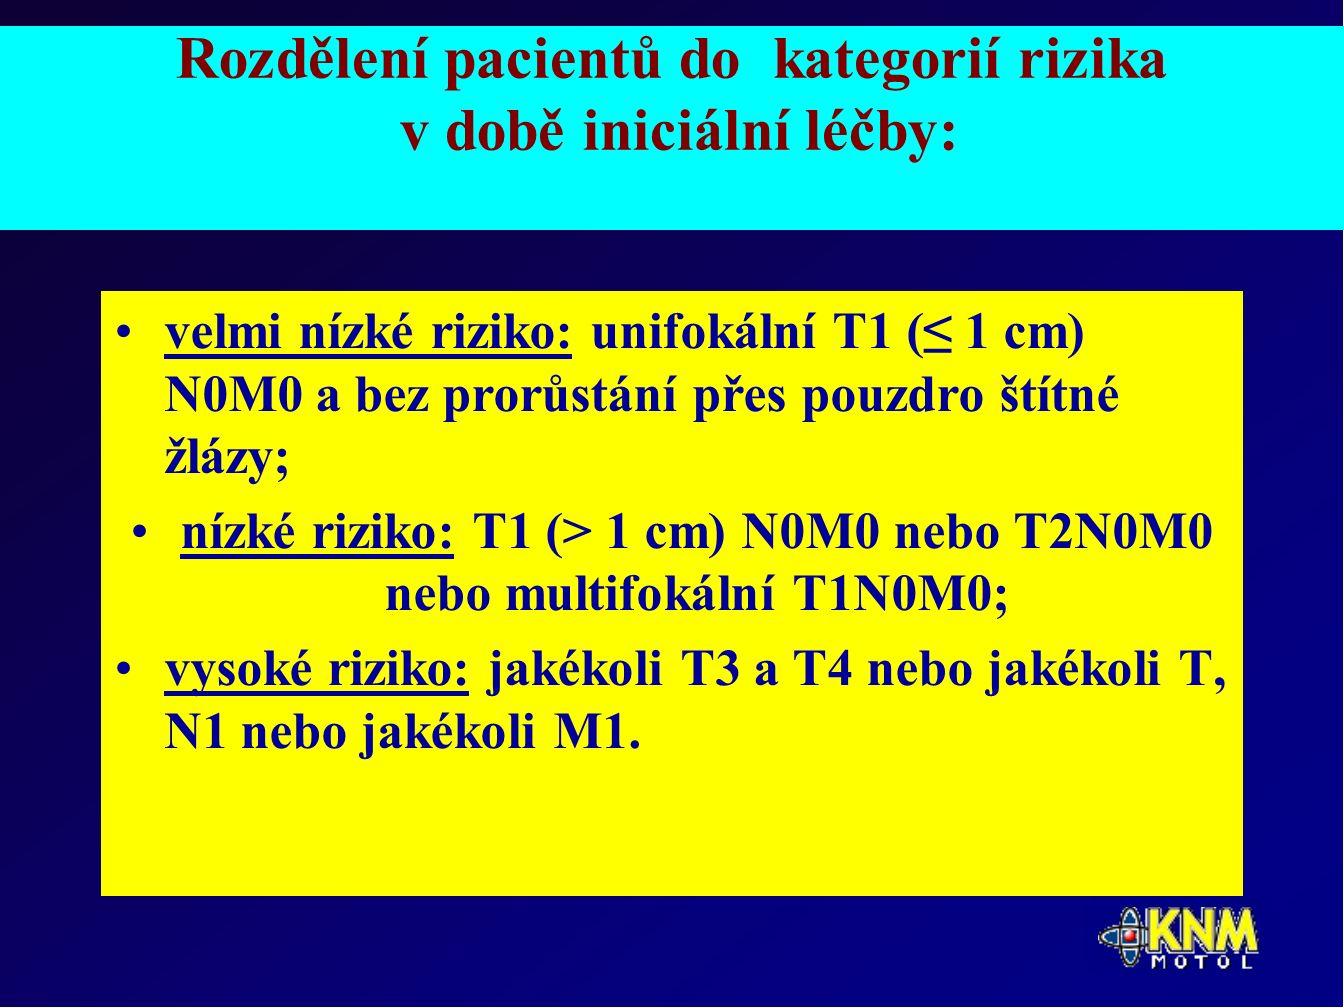 Rozdělení pacientů do kategorií rizika v době iniciální léčby: velmi nízké riziko: unifokální T1 (≤ 1 cm) N0M0 a bez prorůstání přes pouzdro štítné žlázy; nízké riziko: T1 (> 1 cm) N0M0 nebo T2N0M0 nebo multifokální T1N0M0; vysoké riziko: jakékoli T3 a T4 nebo jakékoli T, N1 nebo jakékoli M1.